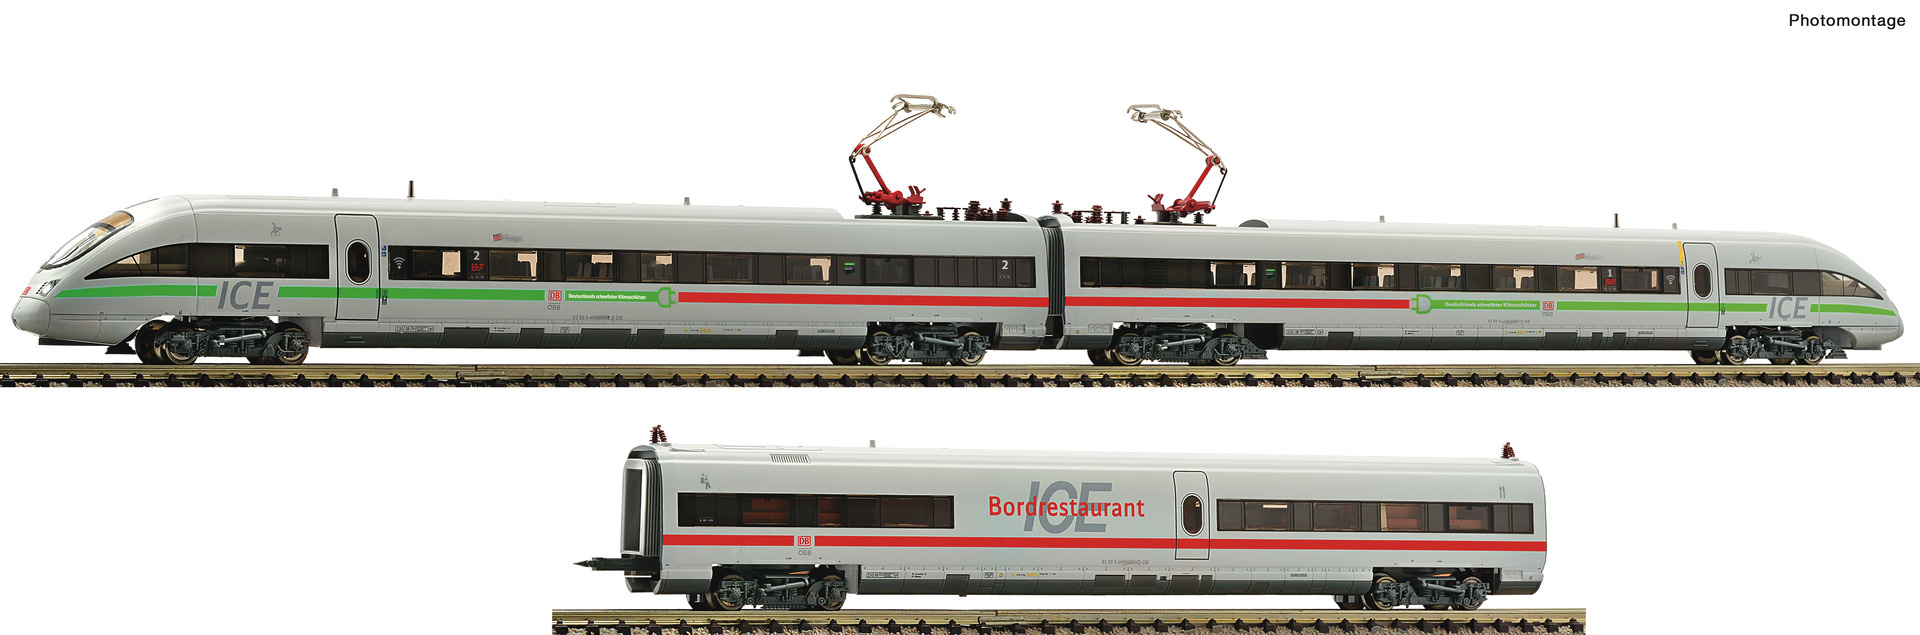 746072 ICE-T 3-tl. DB AG SND.-1